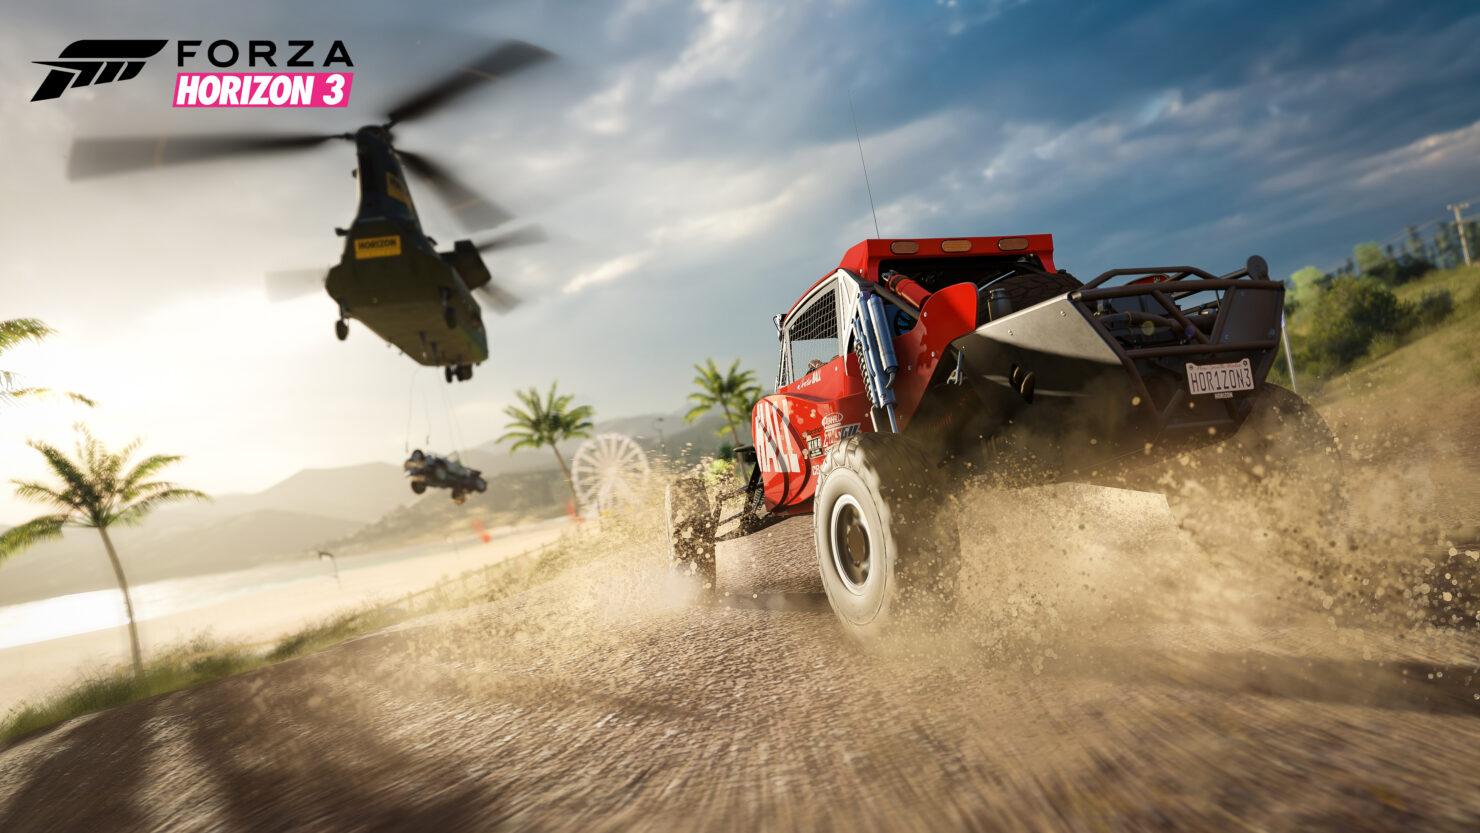 forza-horizon-3-chopper-buggy